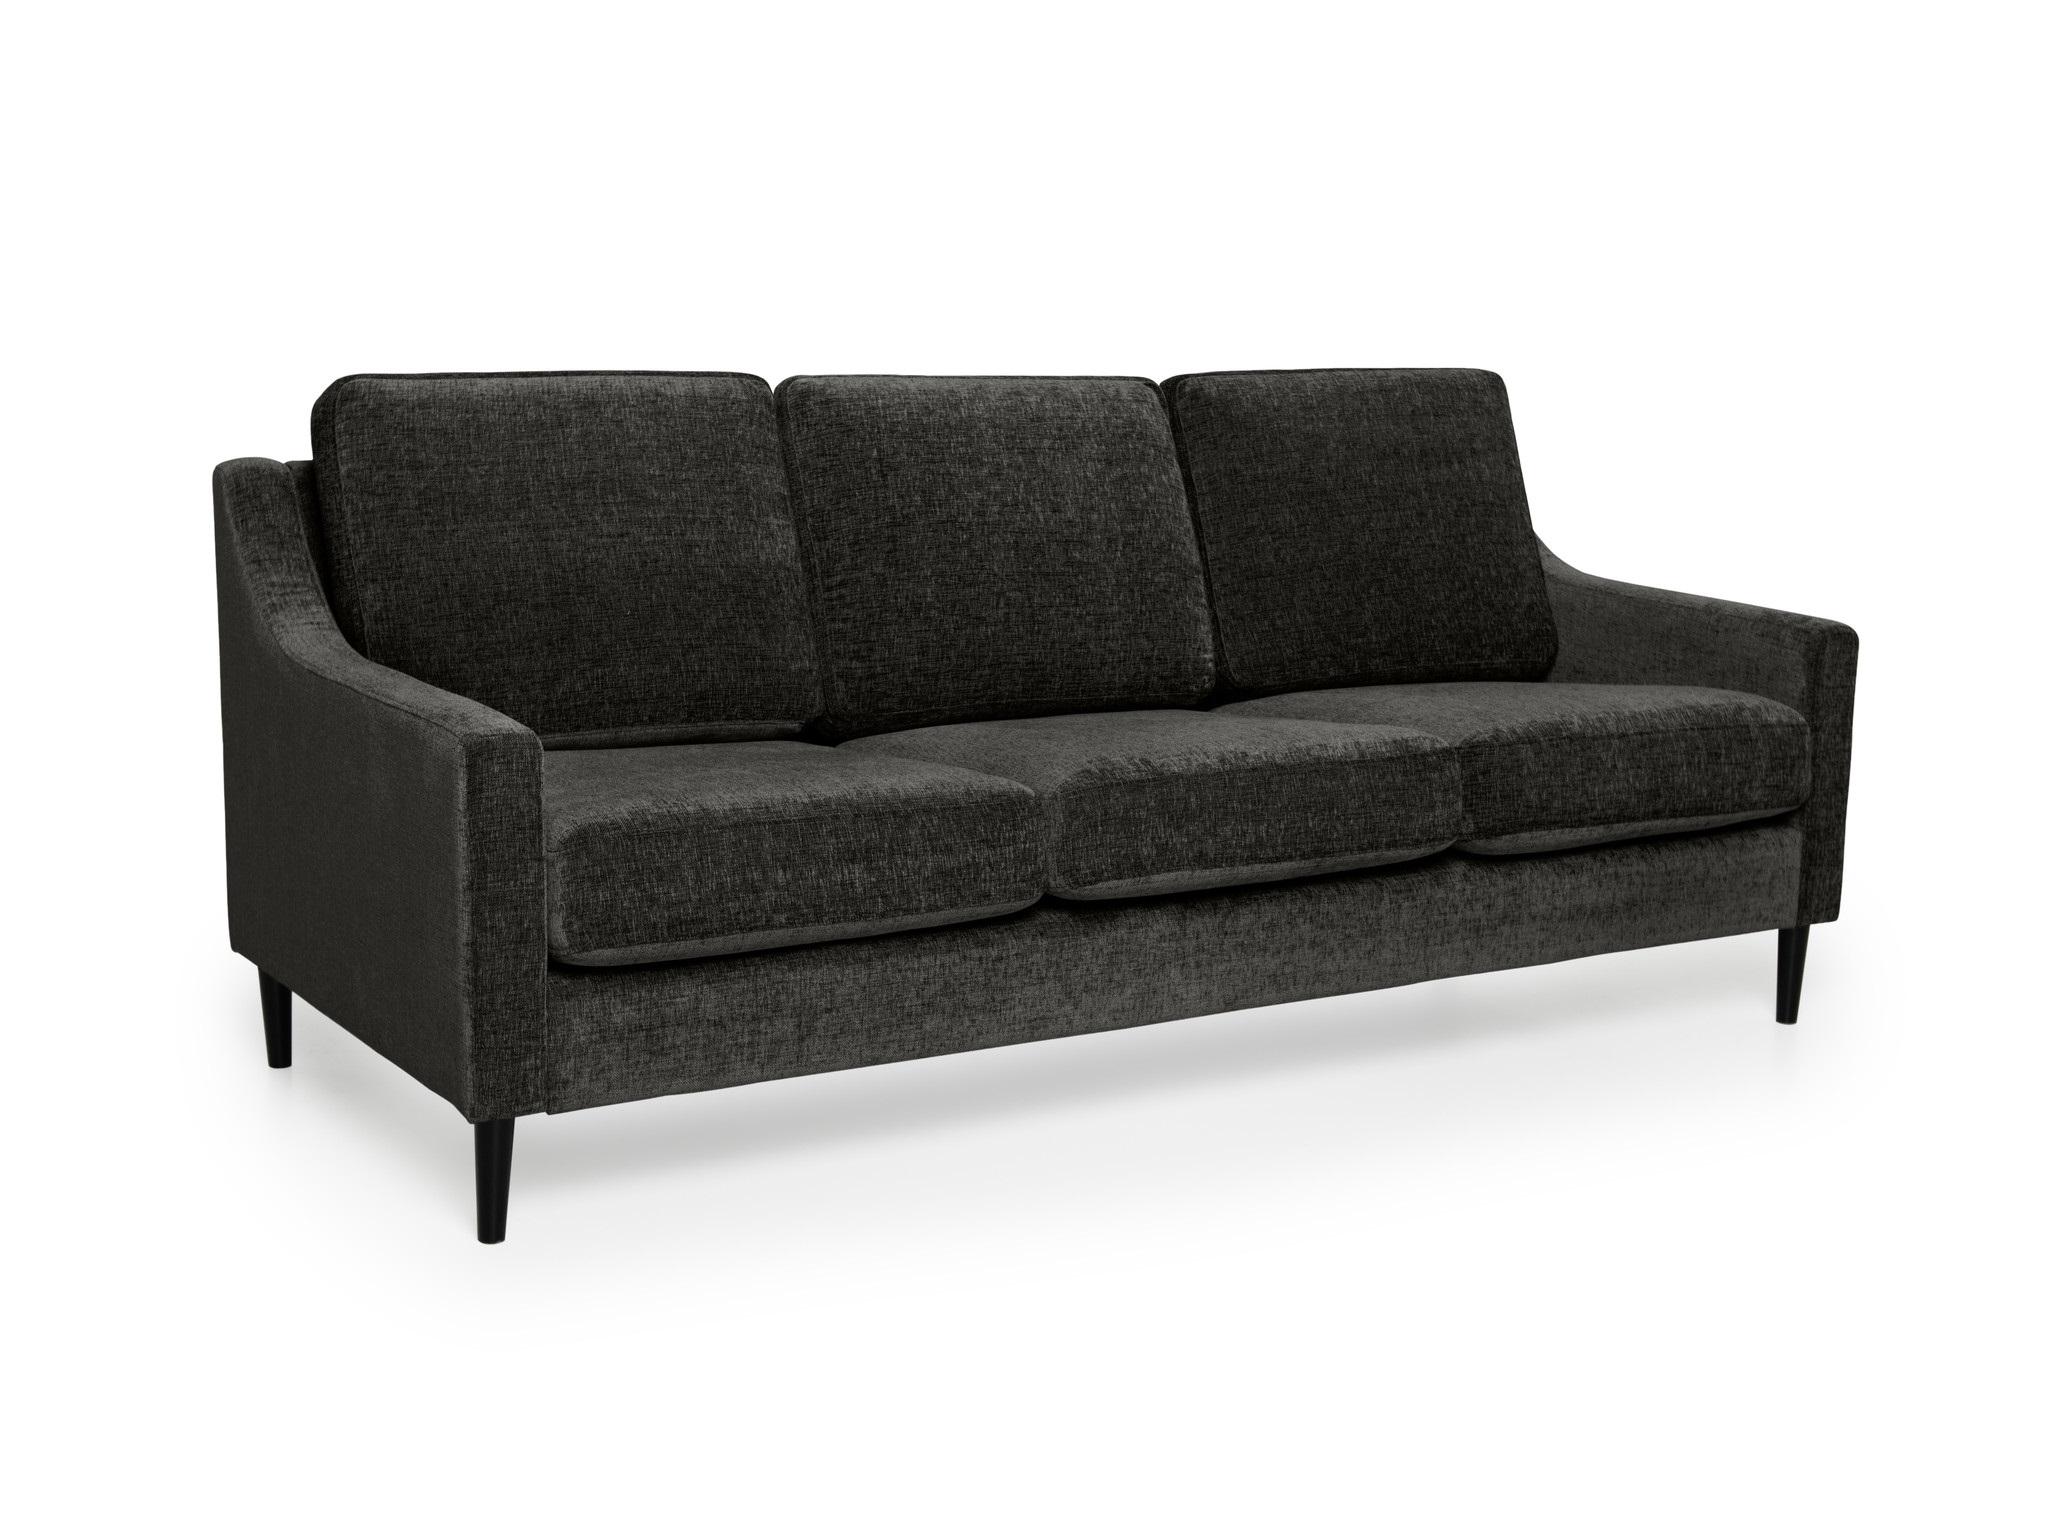 Диван НораТрехместные диваны<br>Диван Нора – грациозный и элегантный диван. Присев на диваны Нора Вы ощутите упругость и комфорт, который создаётся благодаря эргономичному дизайну. Не разбирается.&amp;lt;div&amp;gt;&amp;lt;br&amp;gt;&amp;lt;/div&amp;gt;&amp;lt;div&amp;gt;Каркас (комбинации дерева, фанеры и ЛДСП). Для сидячих подушек используют пену различной плотности, а также перо и силиконовое волокно. Для задних подушек есть пять видов наполнения: пена, измельченная пена, пена высокой эластичности, силиконовые волокно.&amp;amp;nbsp;&amp;lt;/div&amp;gt;&amp;lt;div&amp;gt;Материал обивки: Шенилл. Состав: 85% полиэстер, 15% вискоза.&amp;lt;/div&amp;gt;<br><br>Material: Текстиль<br>Ширина см: 204.0<br>Высота см: 91.0<br>Глубина см: 90.0